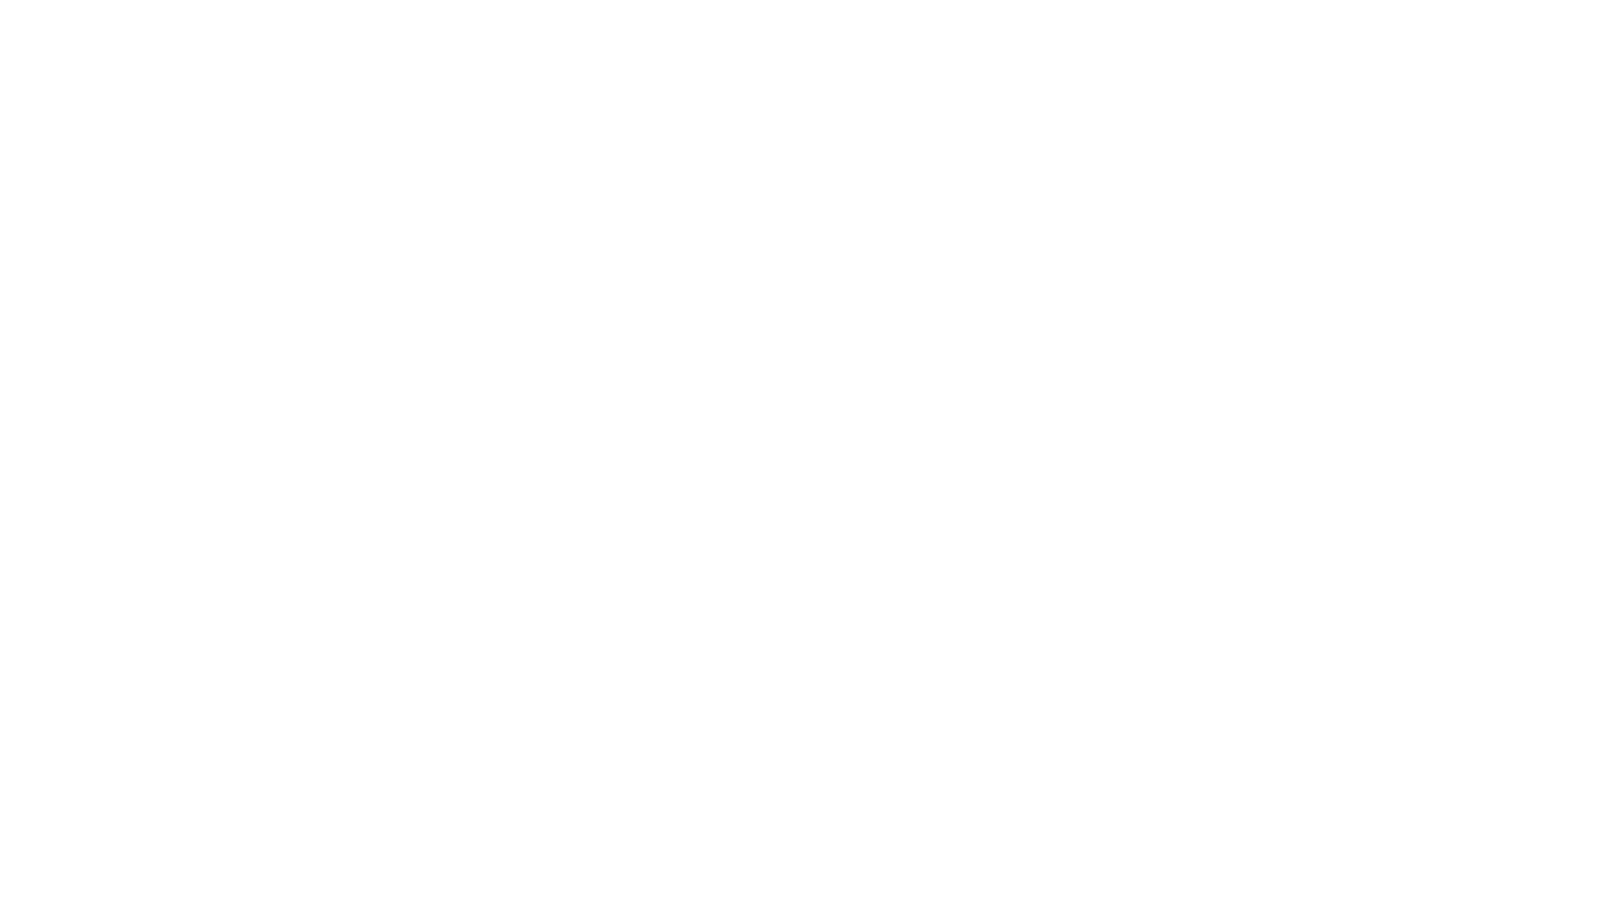 """Téléchargez mon guide gratuit des 10 secrets pour retrouver minceur et vitalité : https://elodiebeaucent.foodjoie.com/guide-10-secrets/  Découvrez dans cette vidéo le point de vue d'Elodie sur le bypass et la gastroplastie 🙂  - La vidéo """"Une méthode naturelle et insoupçonnée pour RESTER ZEN"""" : https://www.youtube.com/watch?v=EugyLrdxIkw - Posez toutes vos questions : https://www.youtube.com/watch?v=FtaPJykv5GI  🎁 TEST OFFERT : êtes-vous accro au sucre ? Découvrez votre niveau d'addiction  ➡️ https://bit.ly/2Txqtbl  Pour aller plus loin : https://www.foodjoie.com - toutes les infos sur les formations minceur et vitalité d'Elodie et sur son parcours http://elodie-beaucent.foodjoie.com/ - toutes les vidéos nutrition d'Elodie Beaucent"""